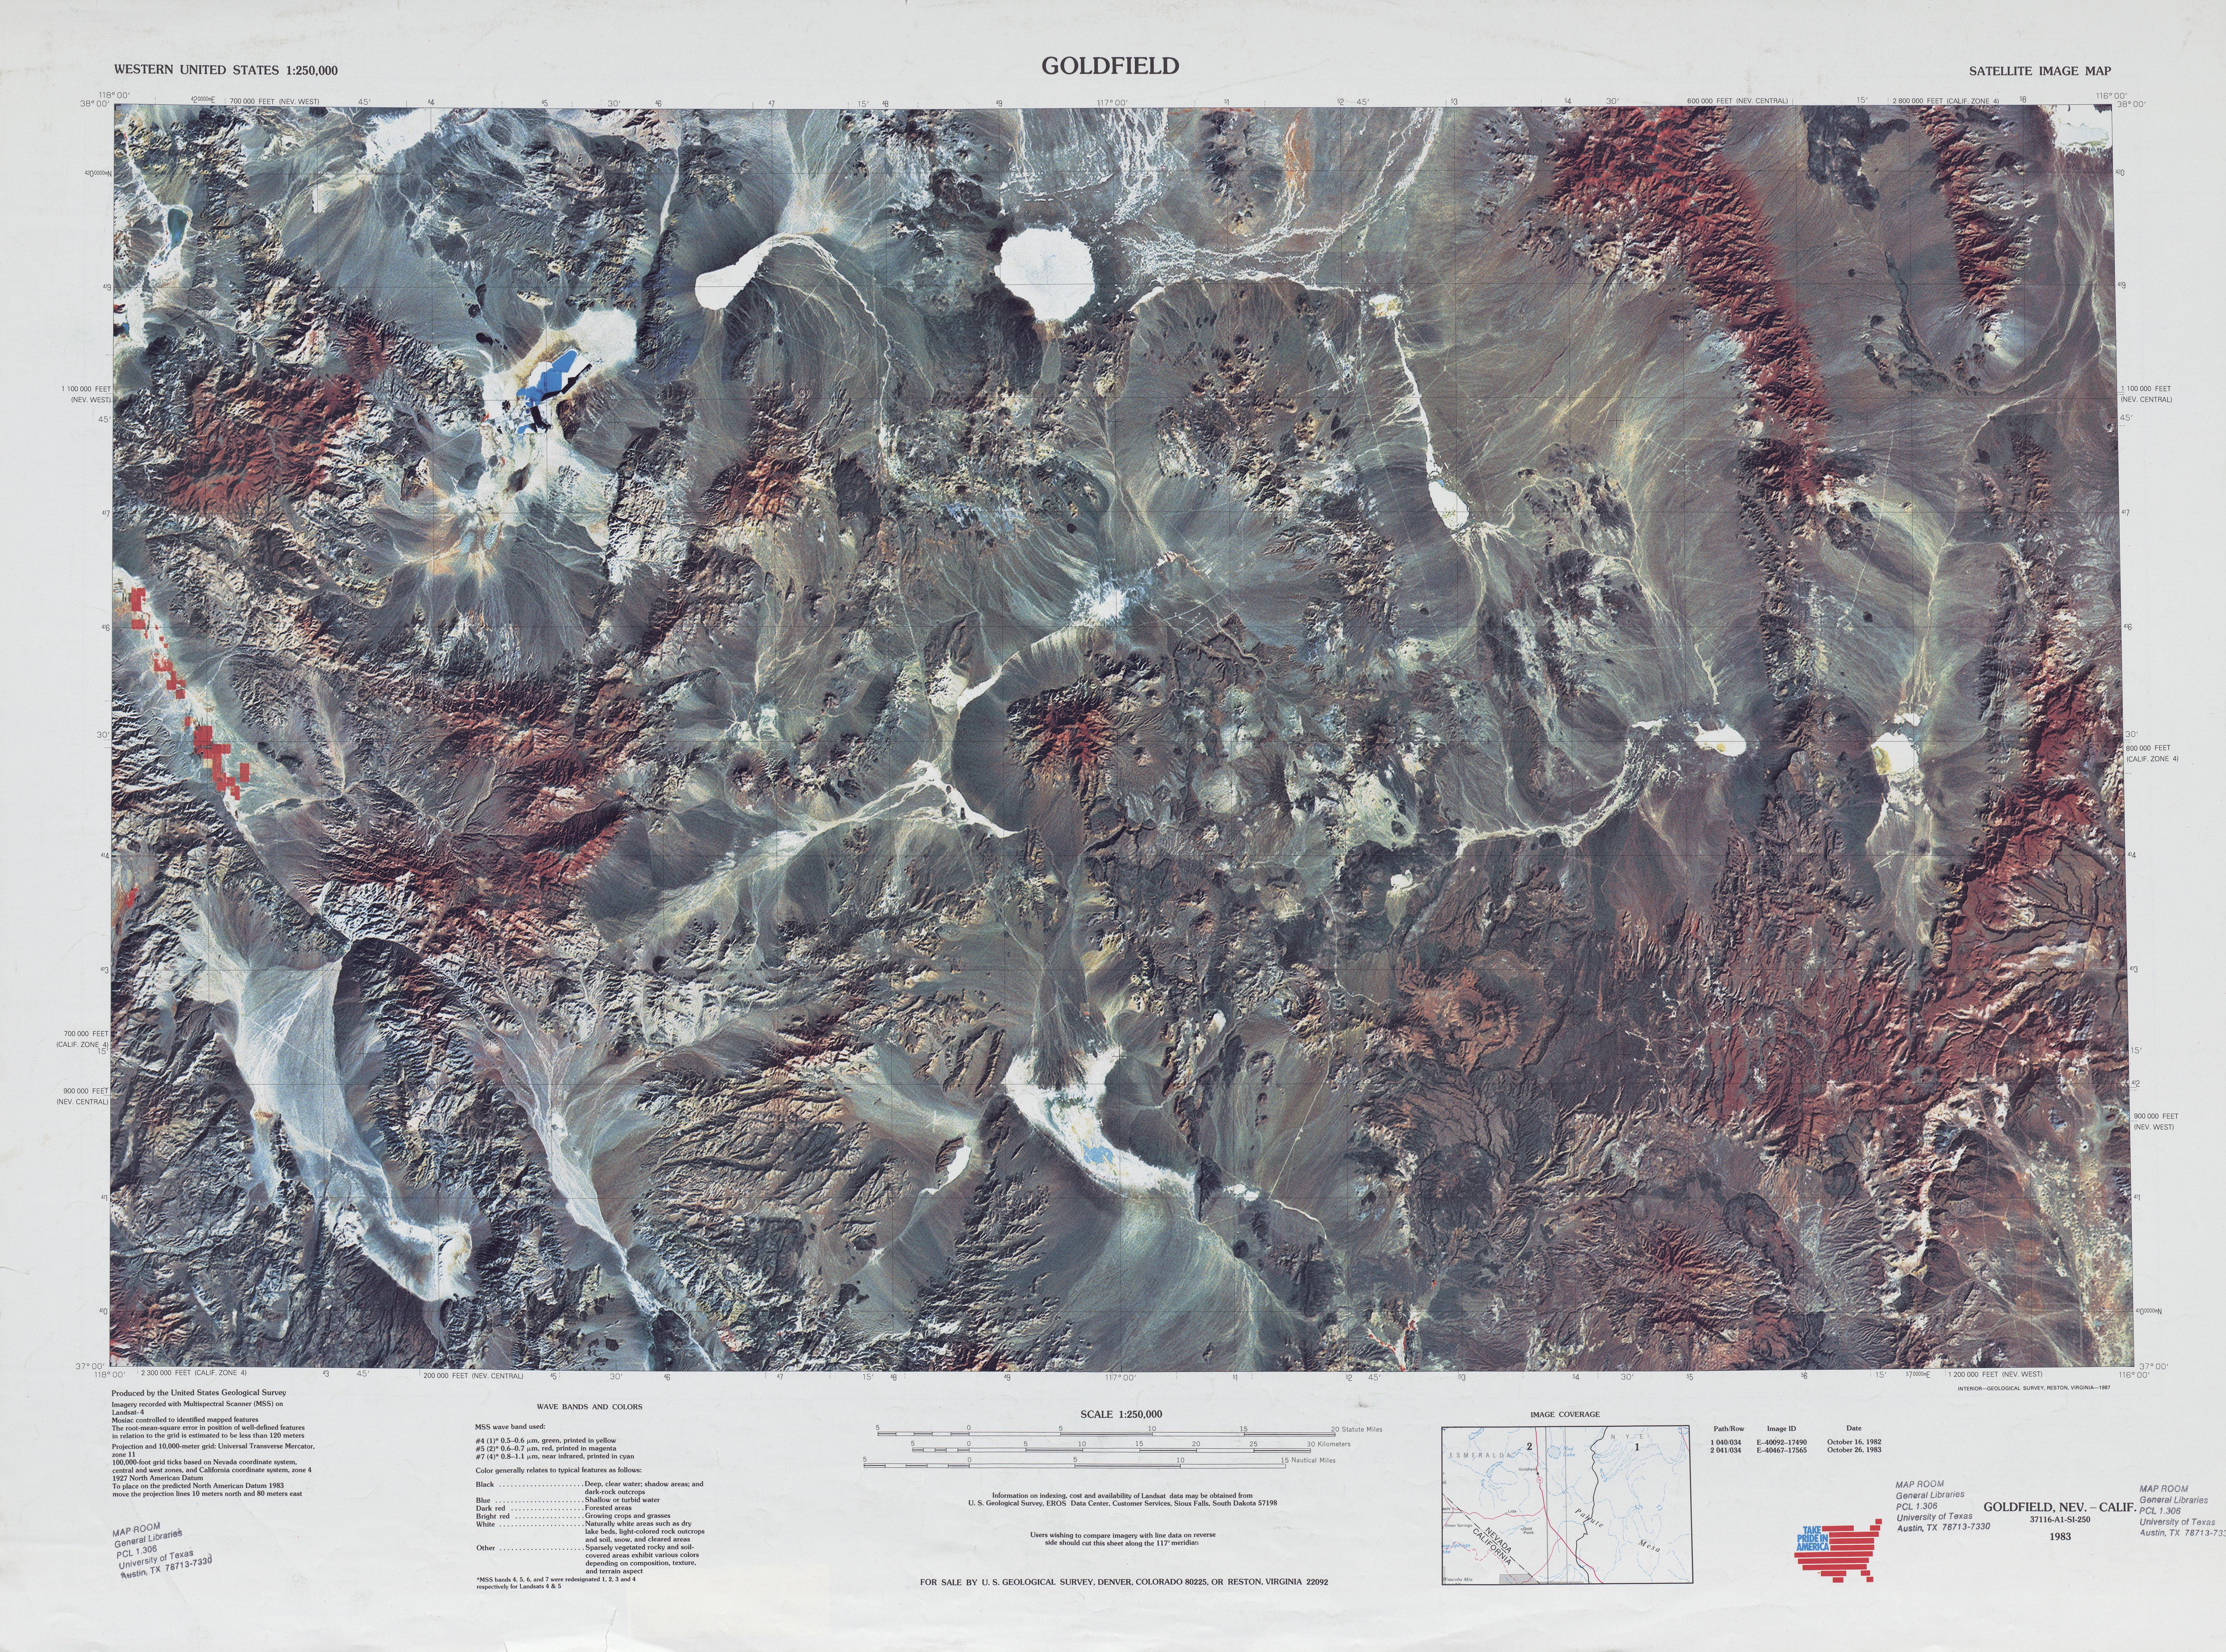 Hoja Goldfield de la Imagen Satelital de los Estados Unidos 1983